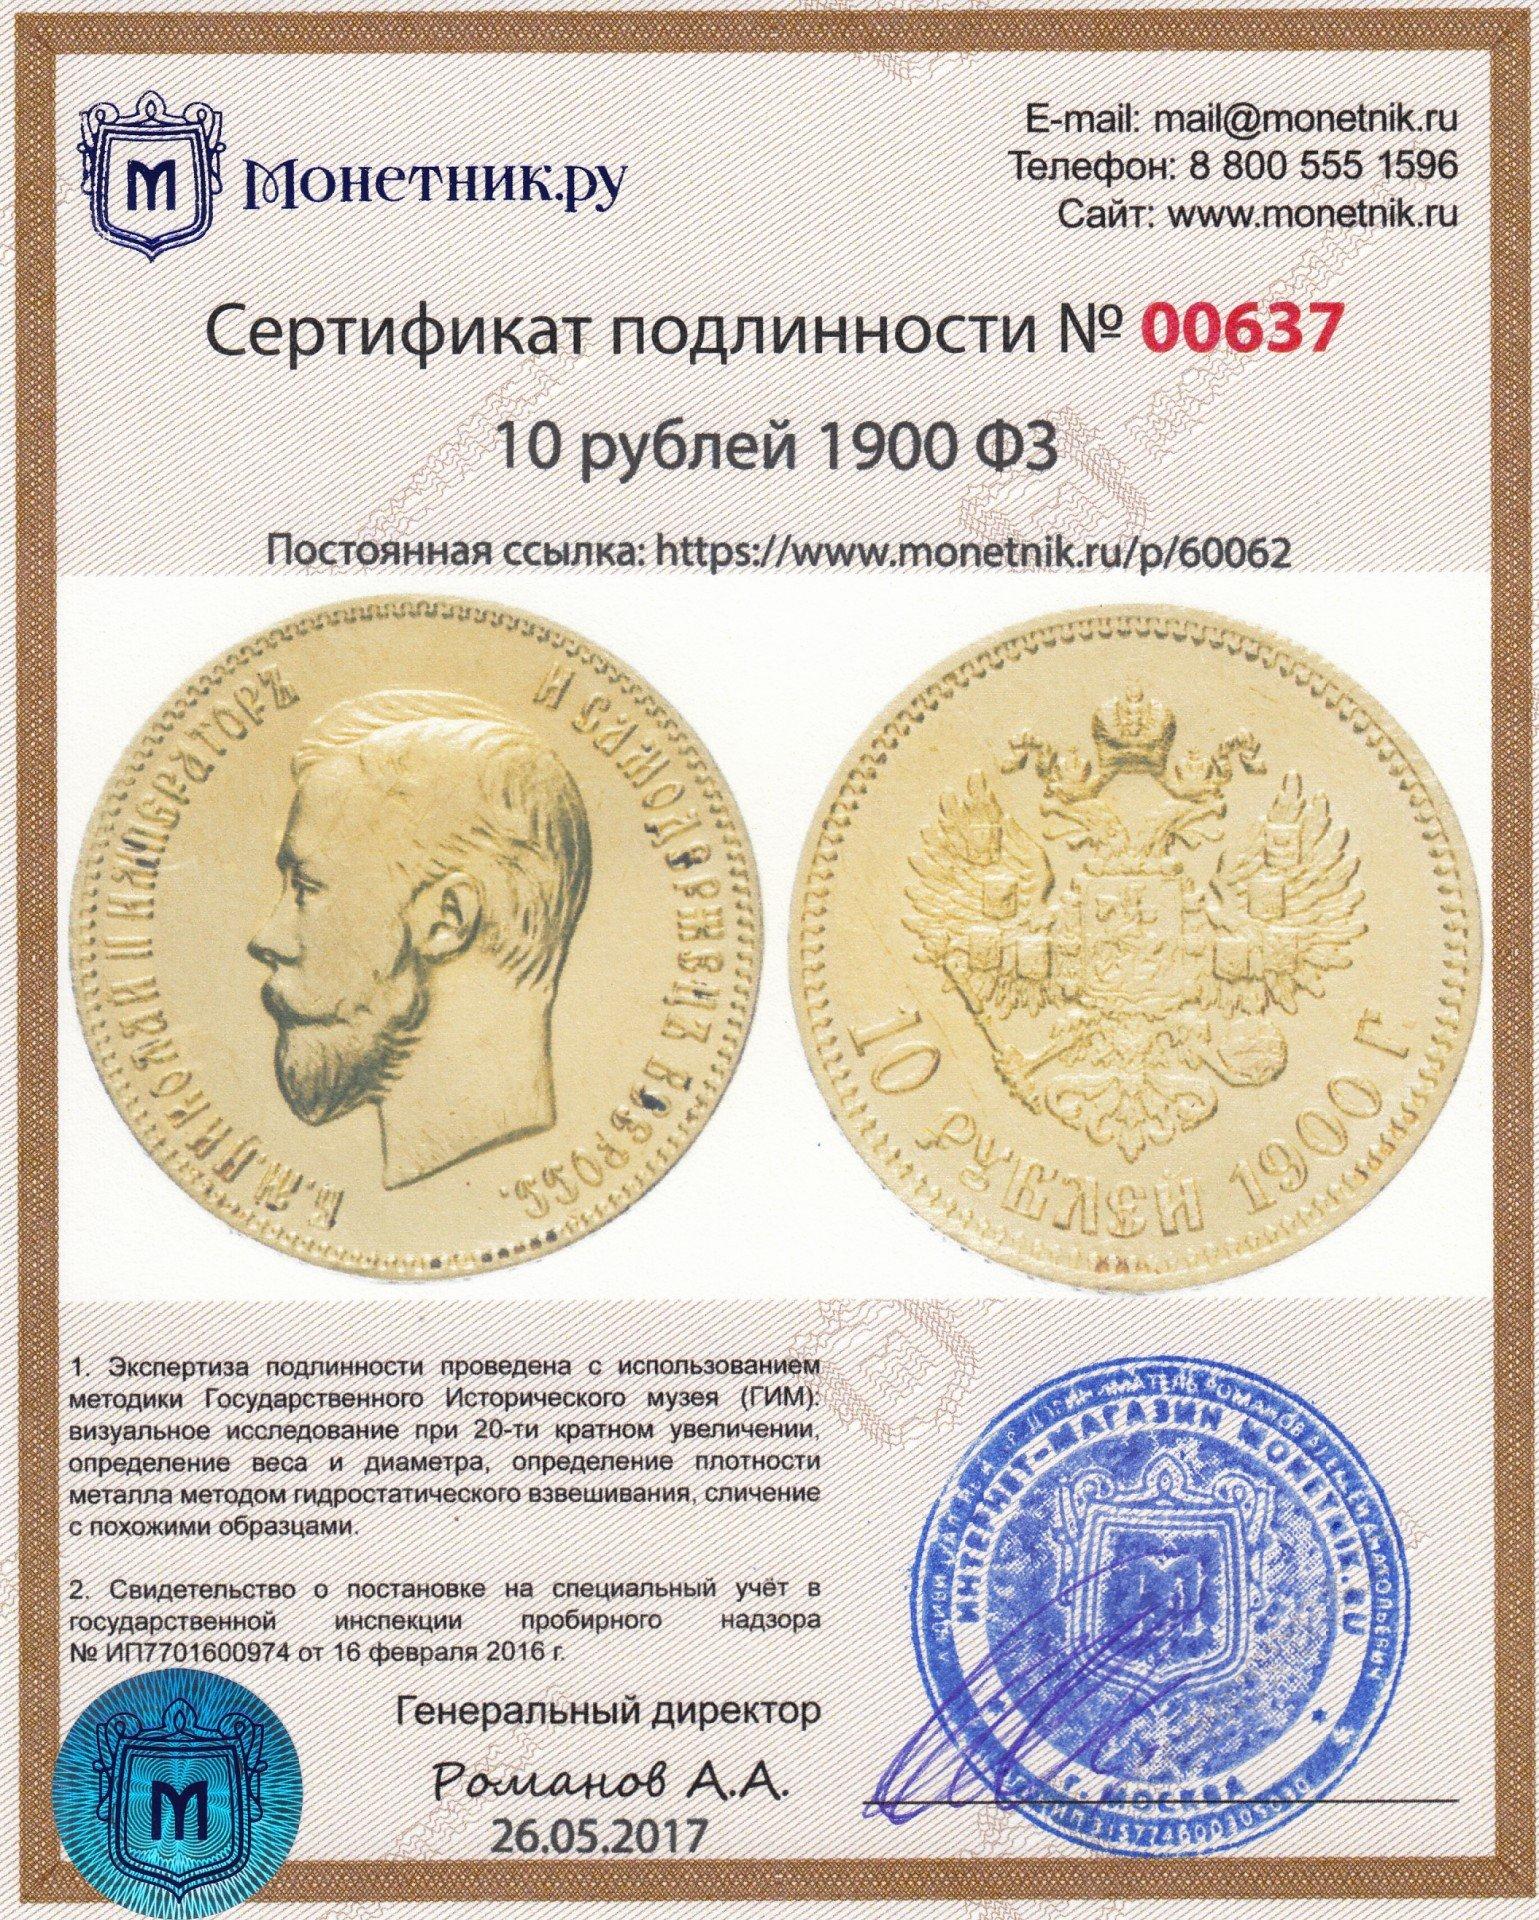 Monetnik.ru - нумизматический интернет-магазин. купить монет.